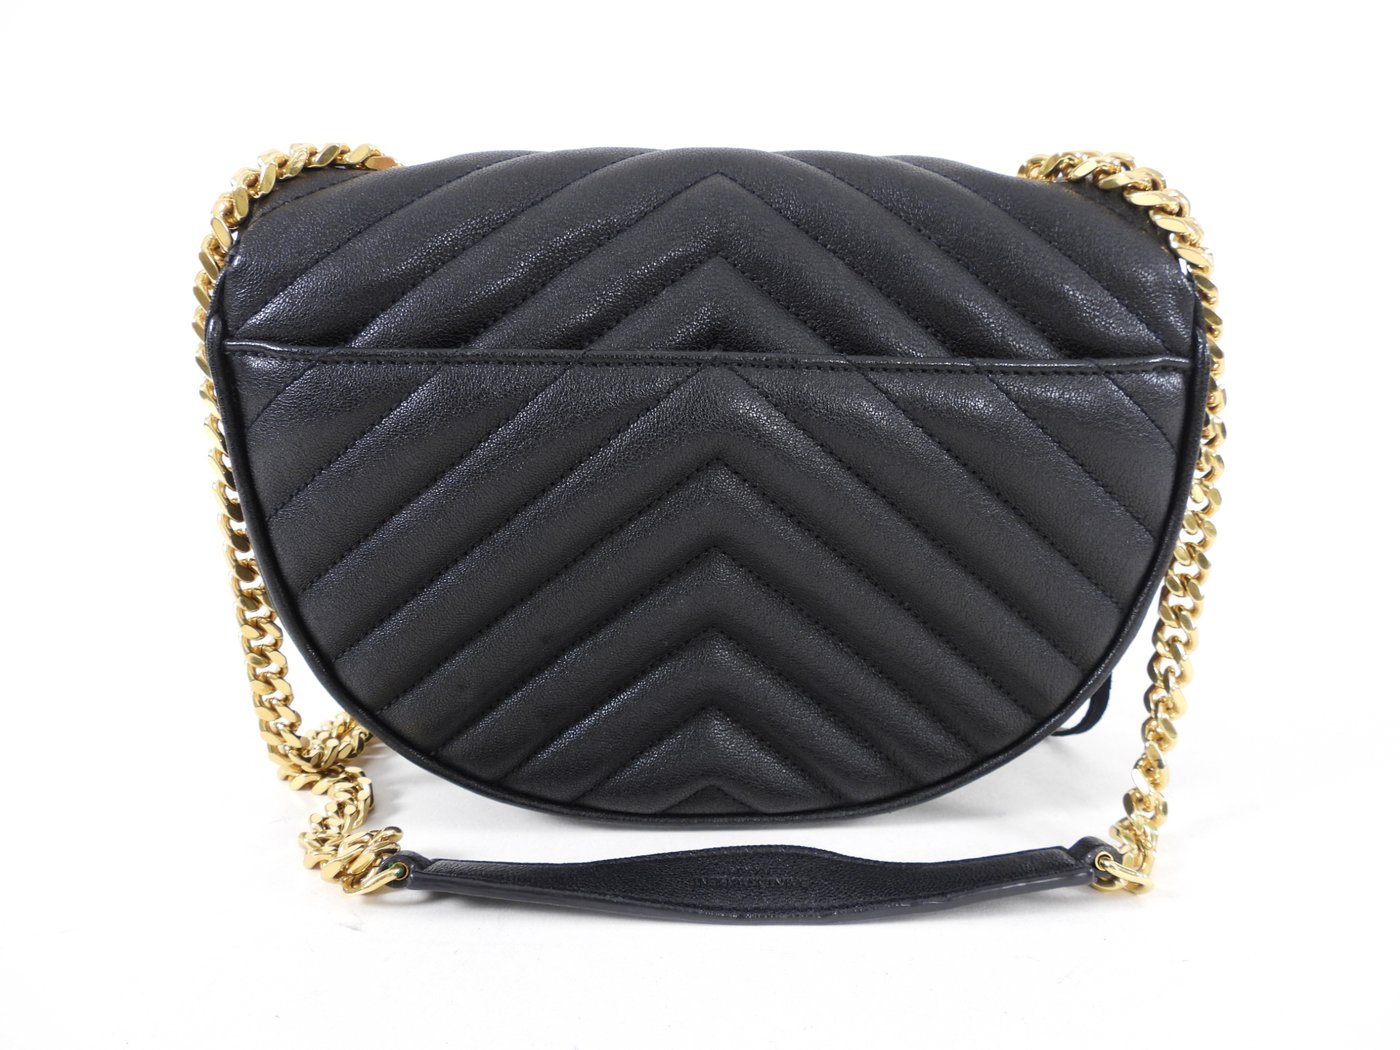 Saint Laurent - Chain Shoulder Bag 5